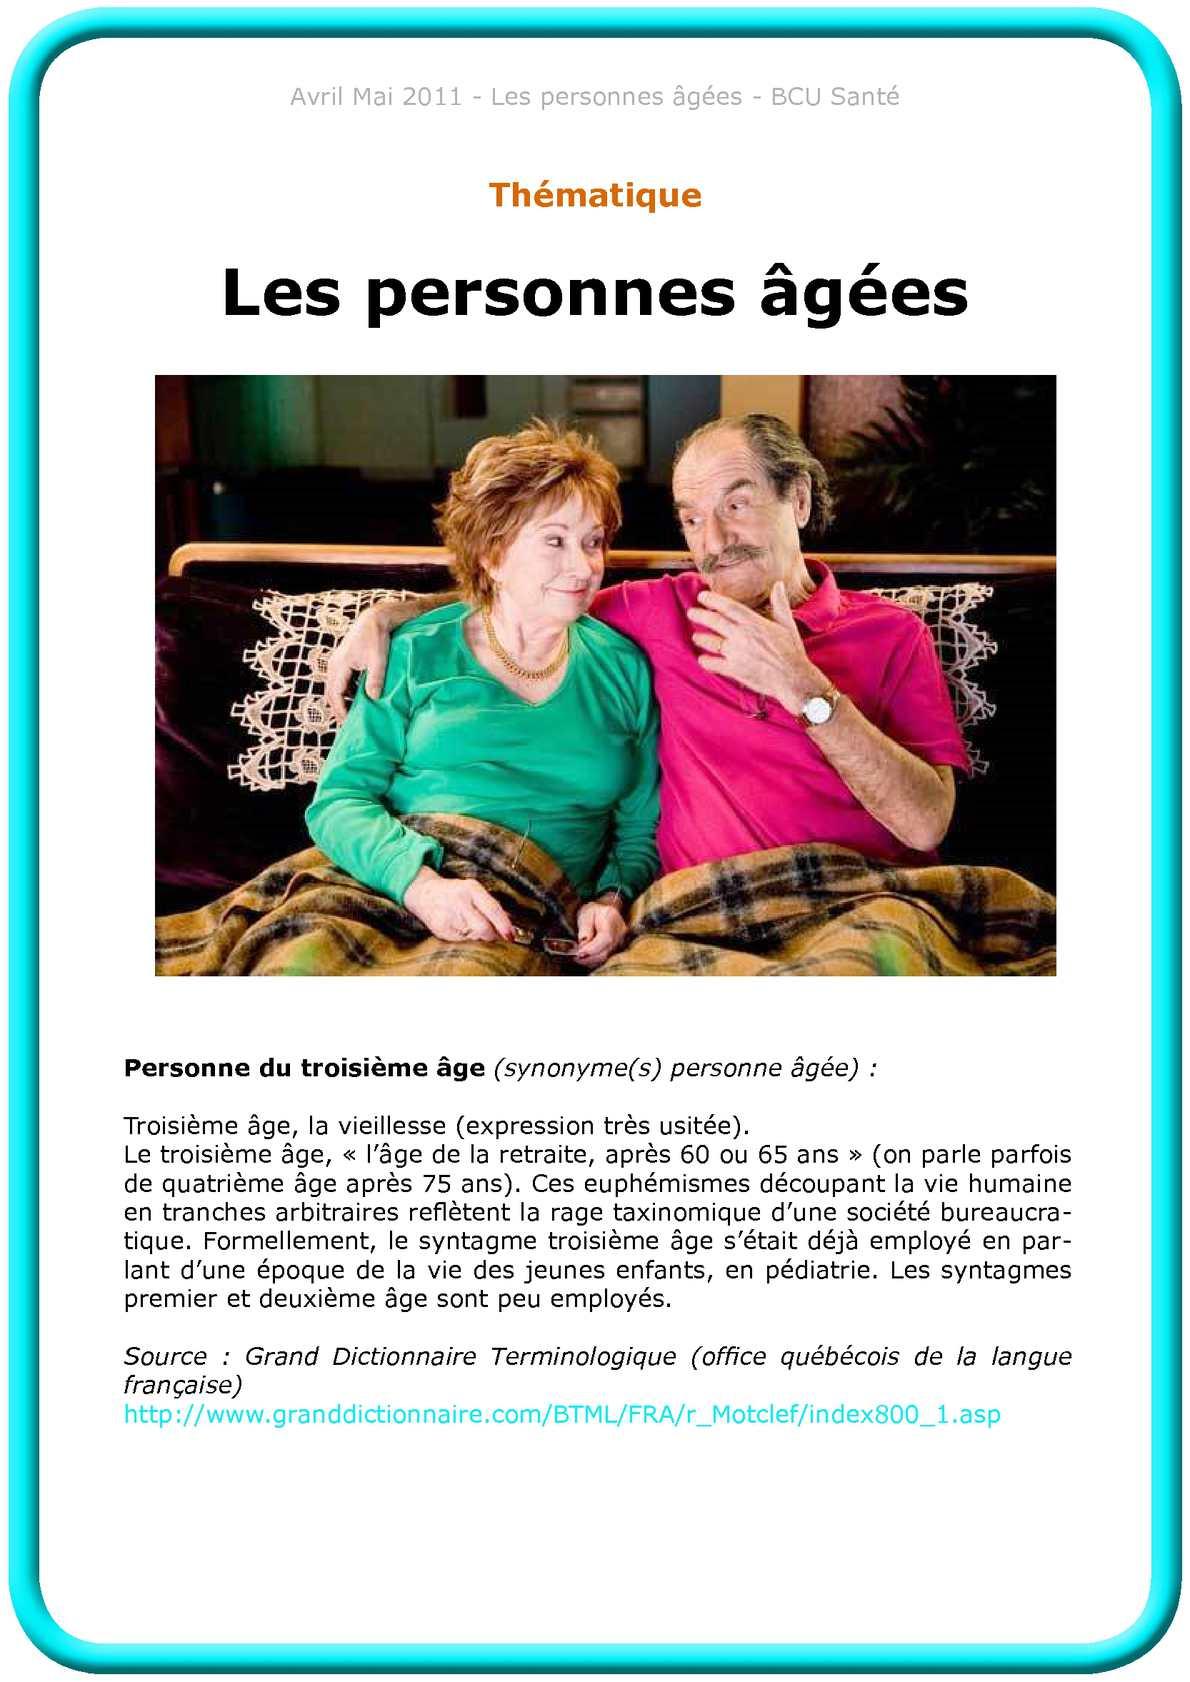 Calam o les personnes g es - Office de la langue francaise dictionnaire ...